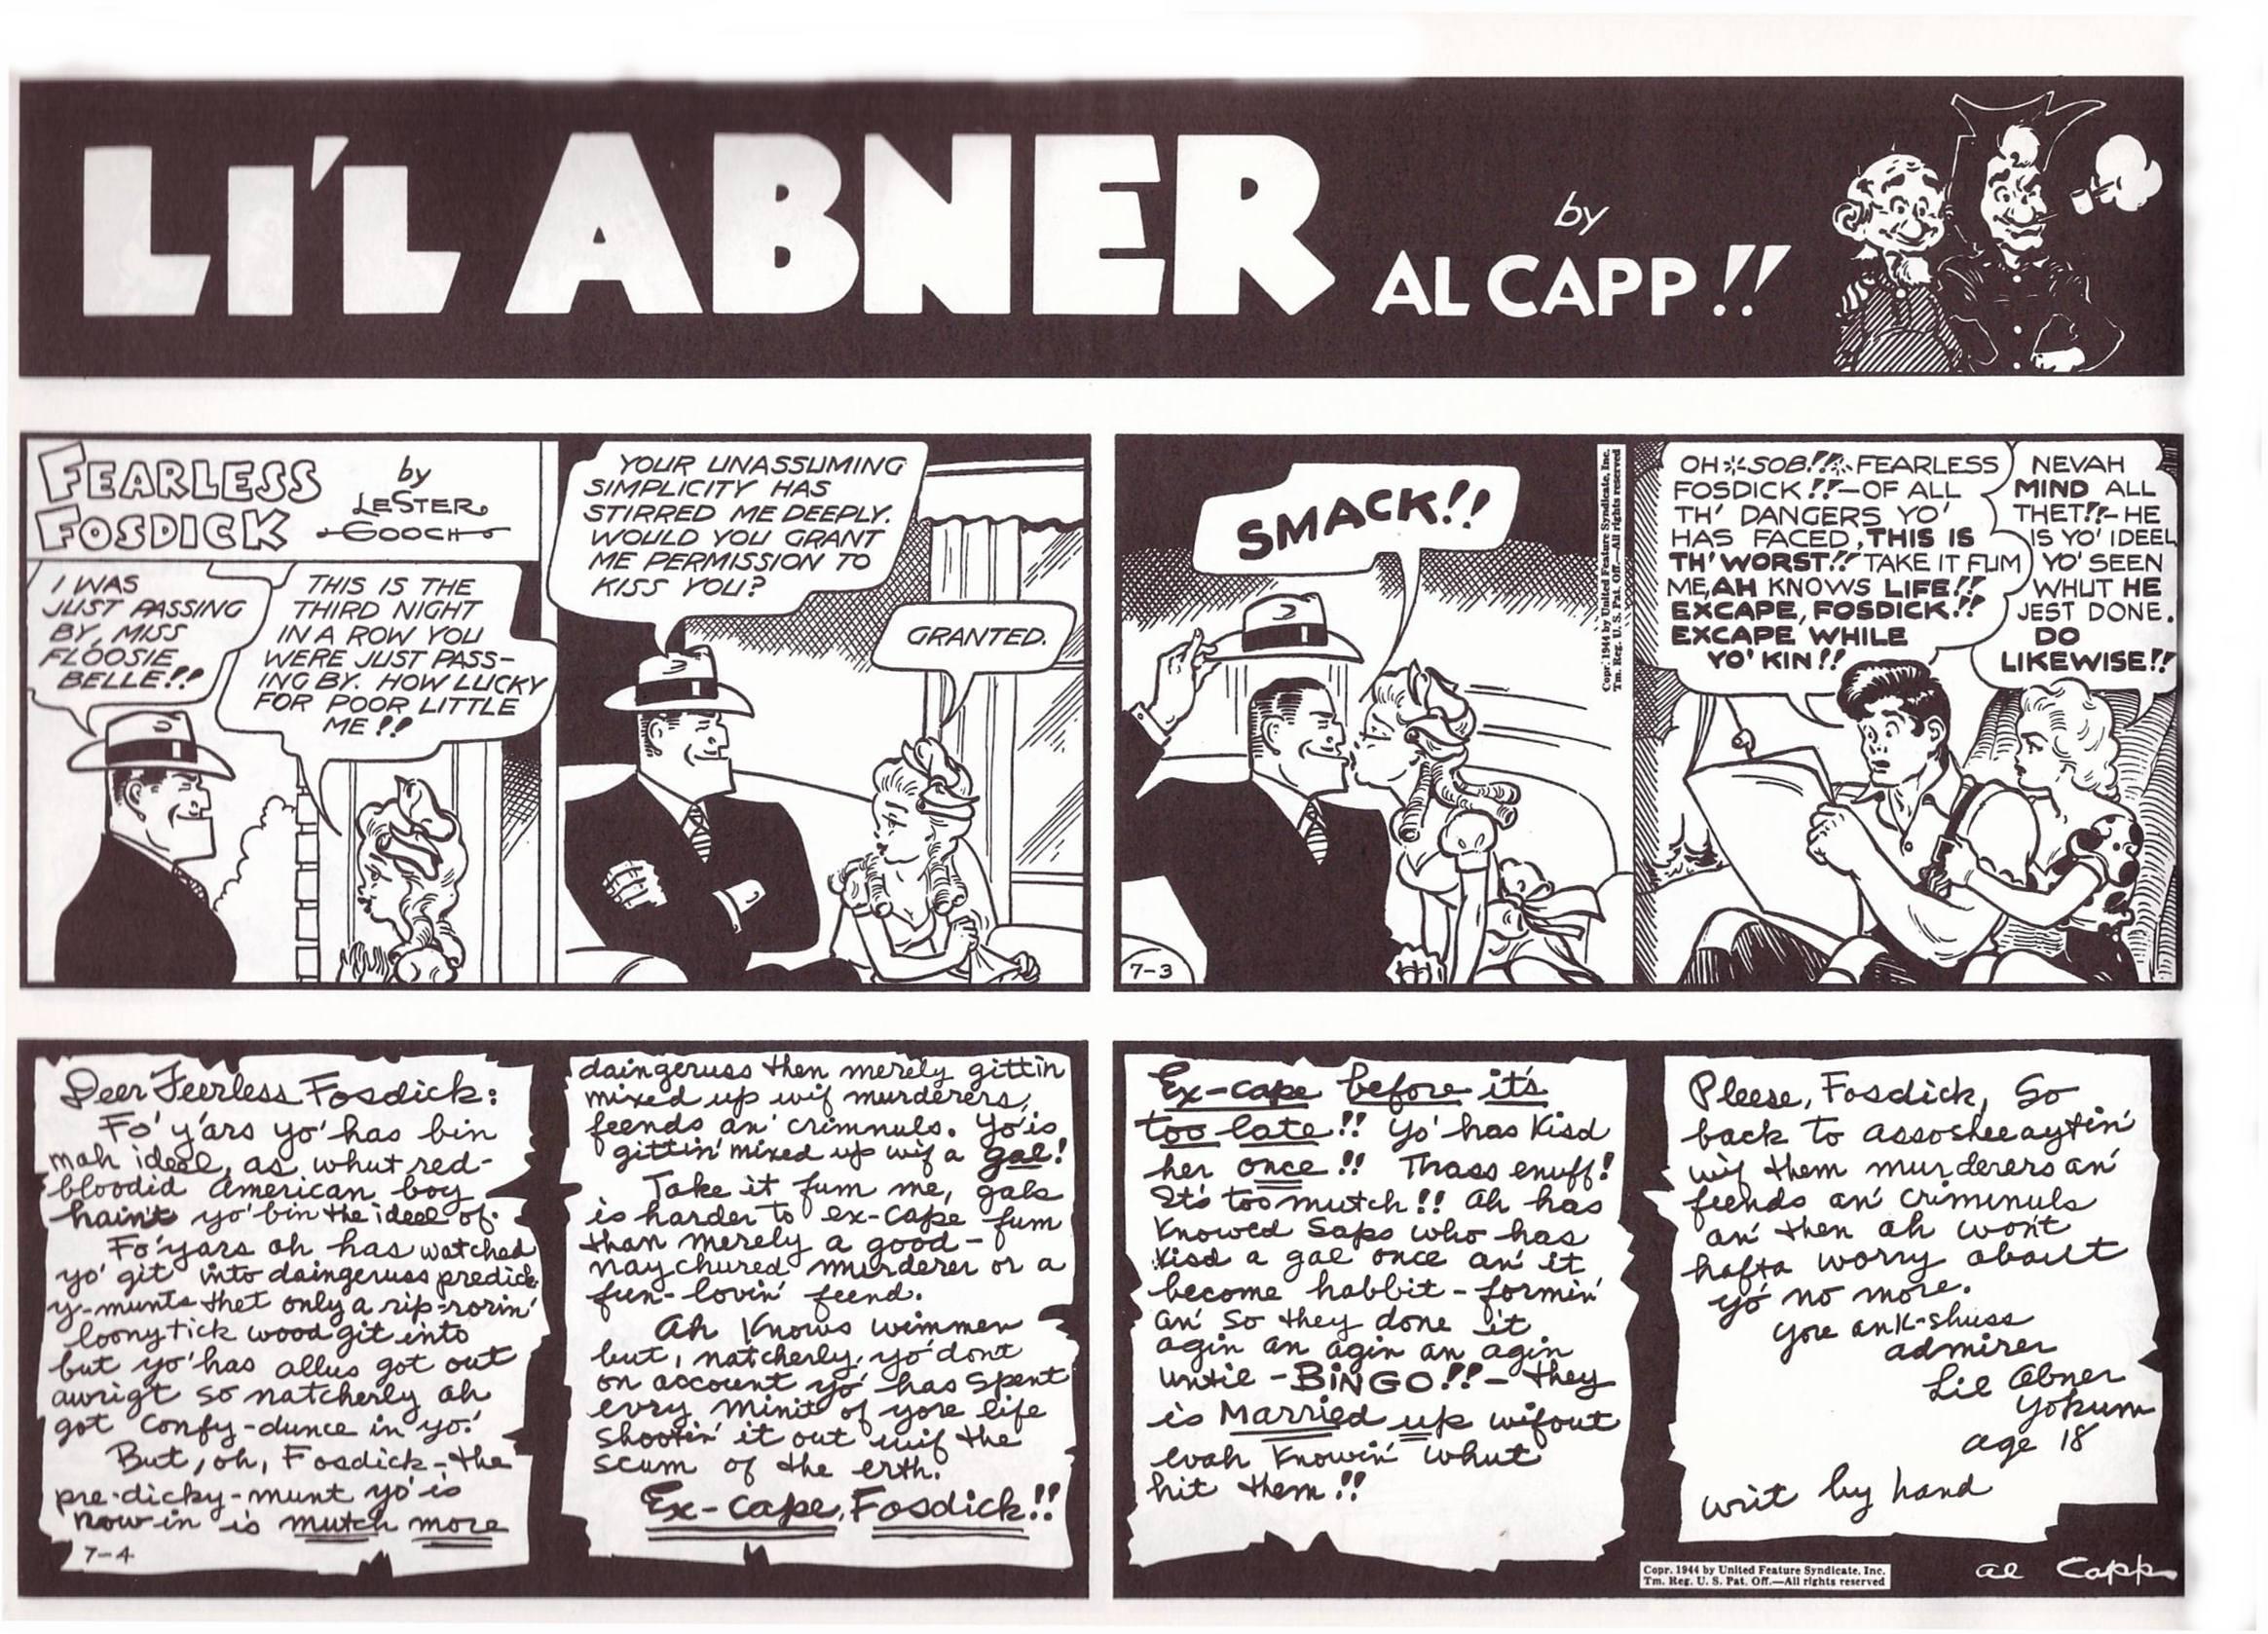 Li'l Abner The Dallies 1944 review